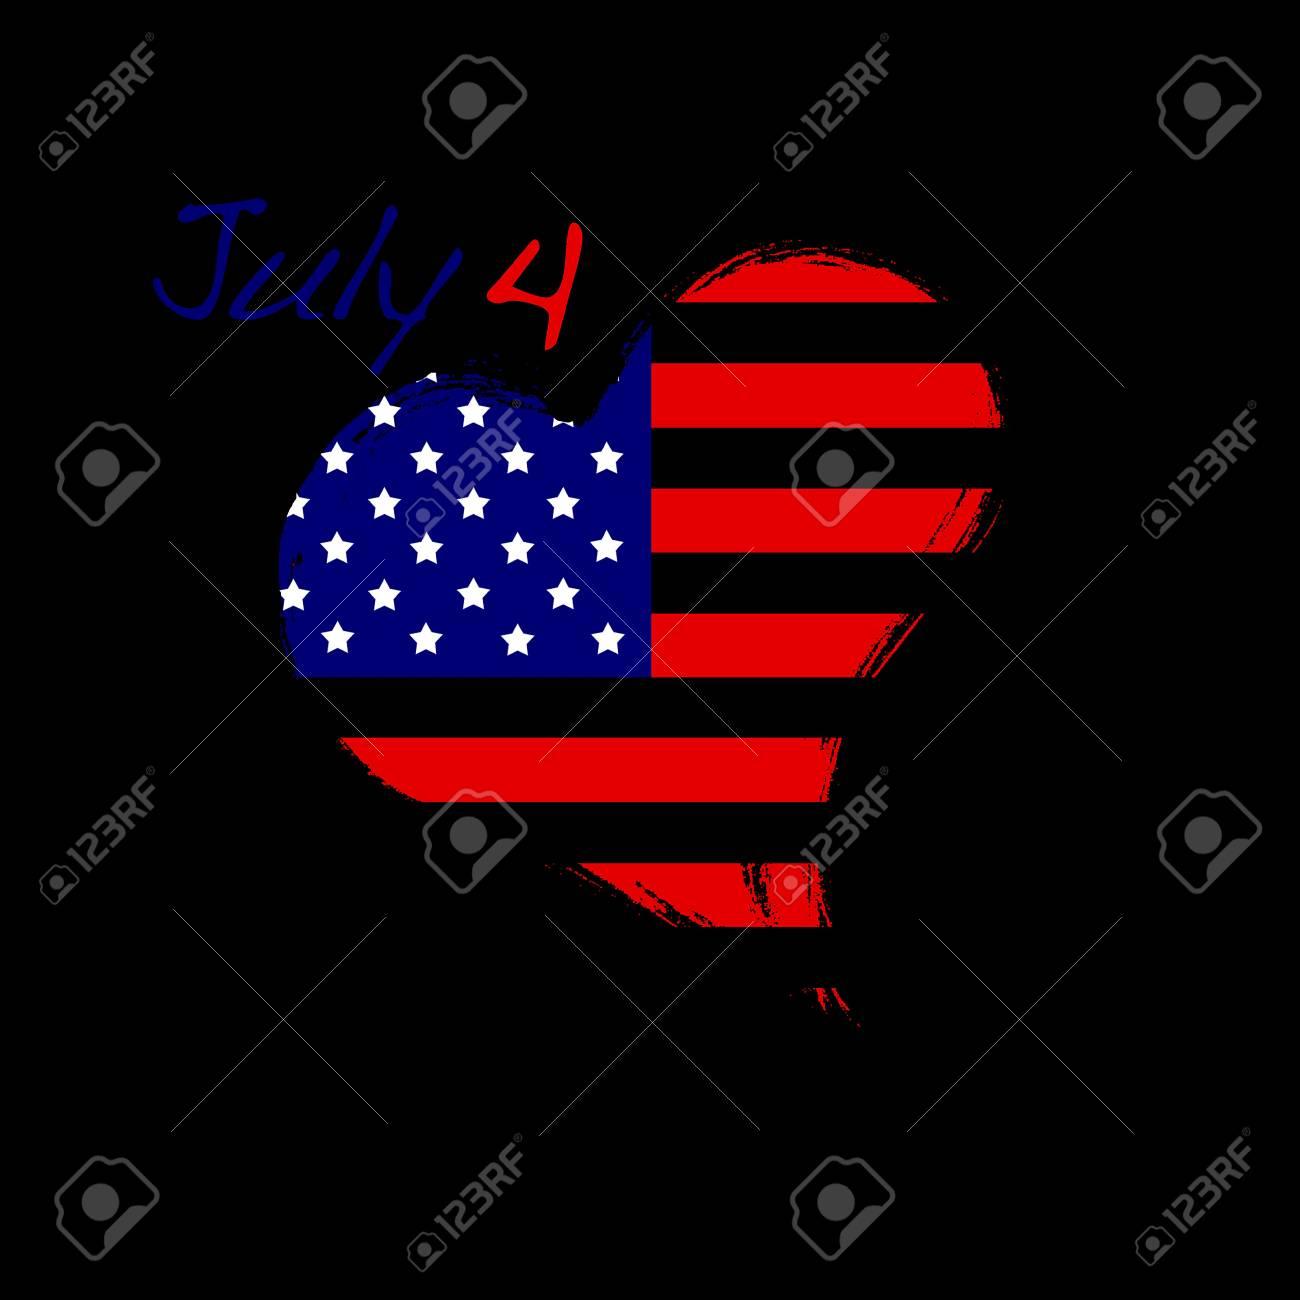 USA heart. Stock Photo - 13318853